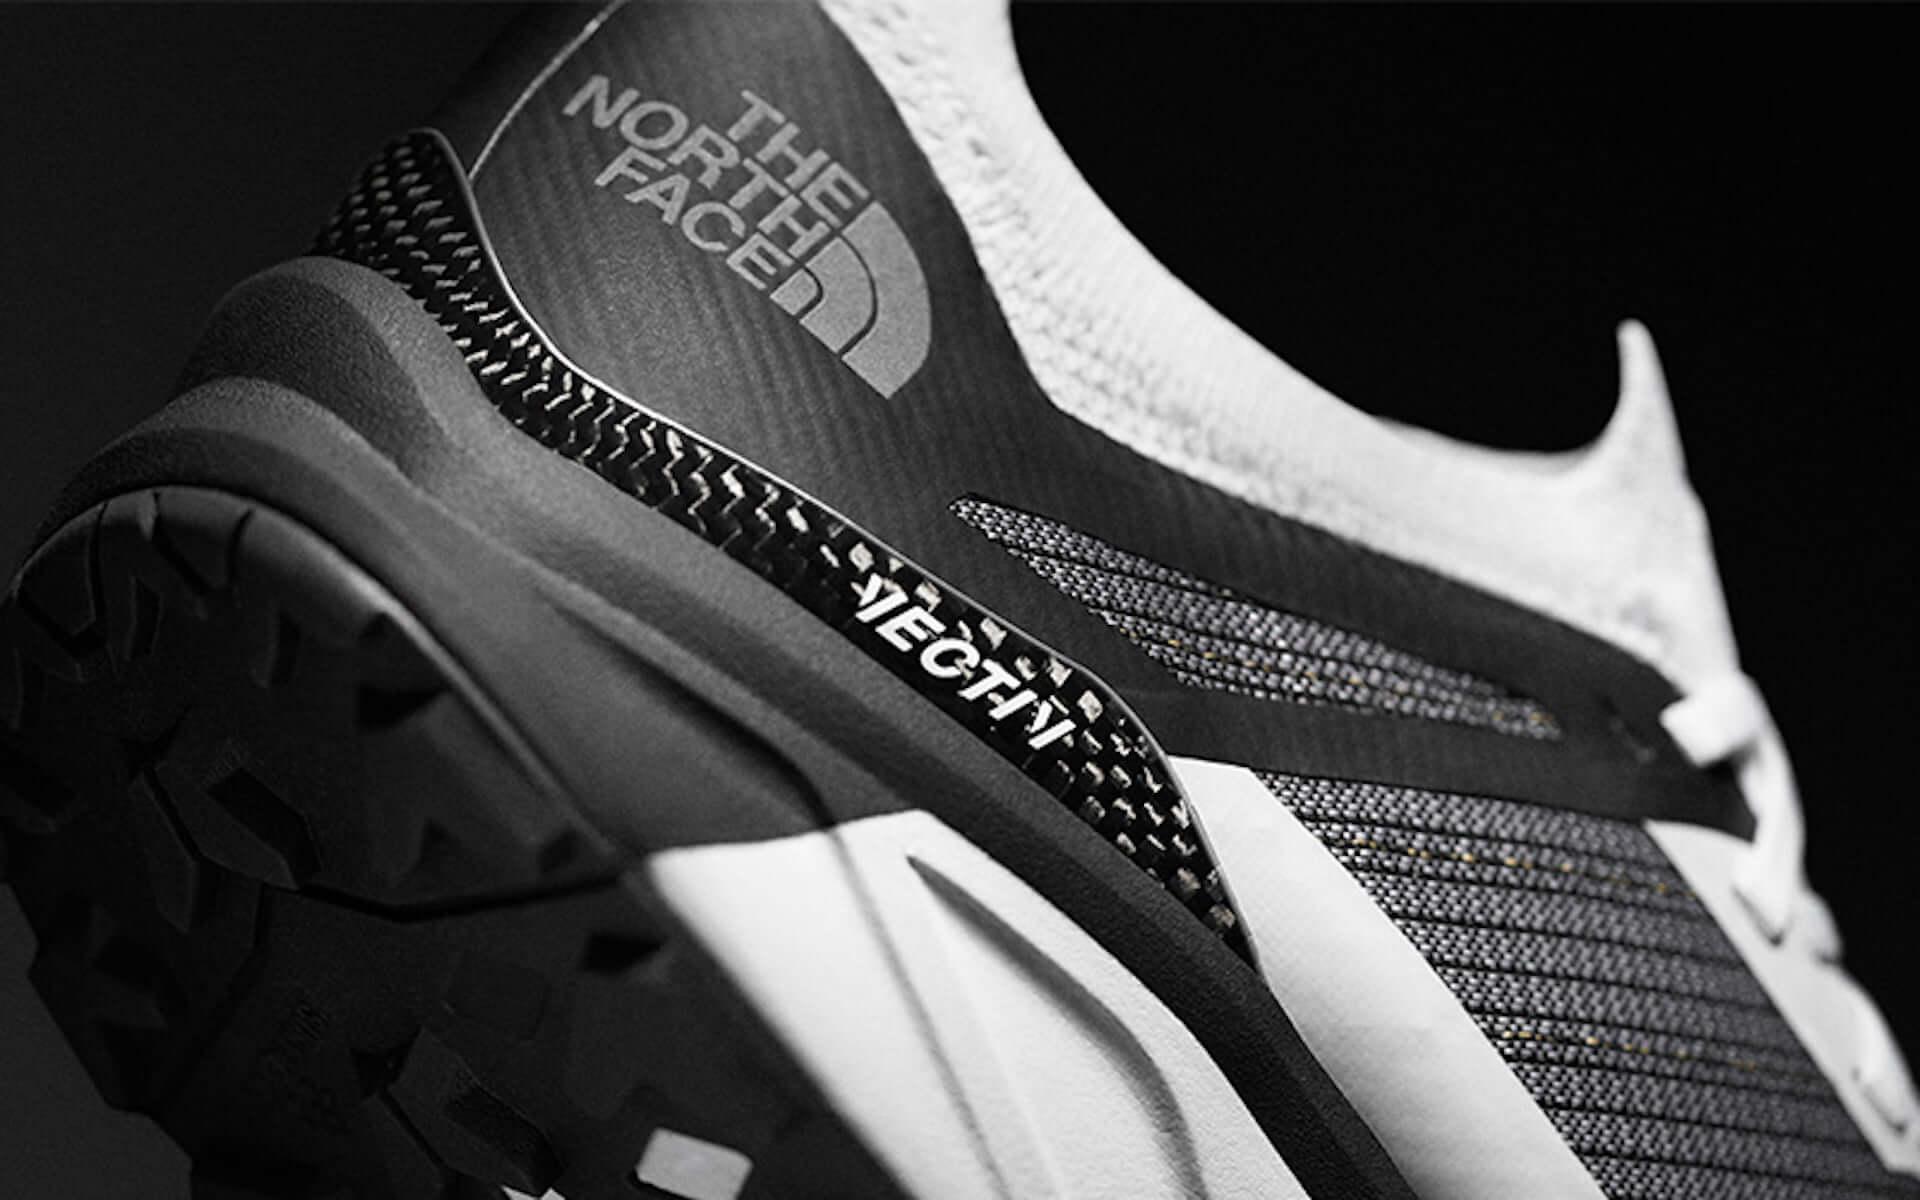 THE NORTH FACEが3Dカーボンプレート搭載のトレイルランニングシューズ『Flight VECTIV™』を発売! lf210126_tnf-vectiv_8-1920x1200